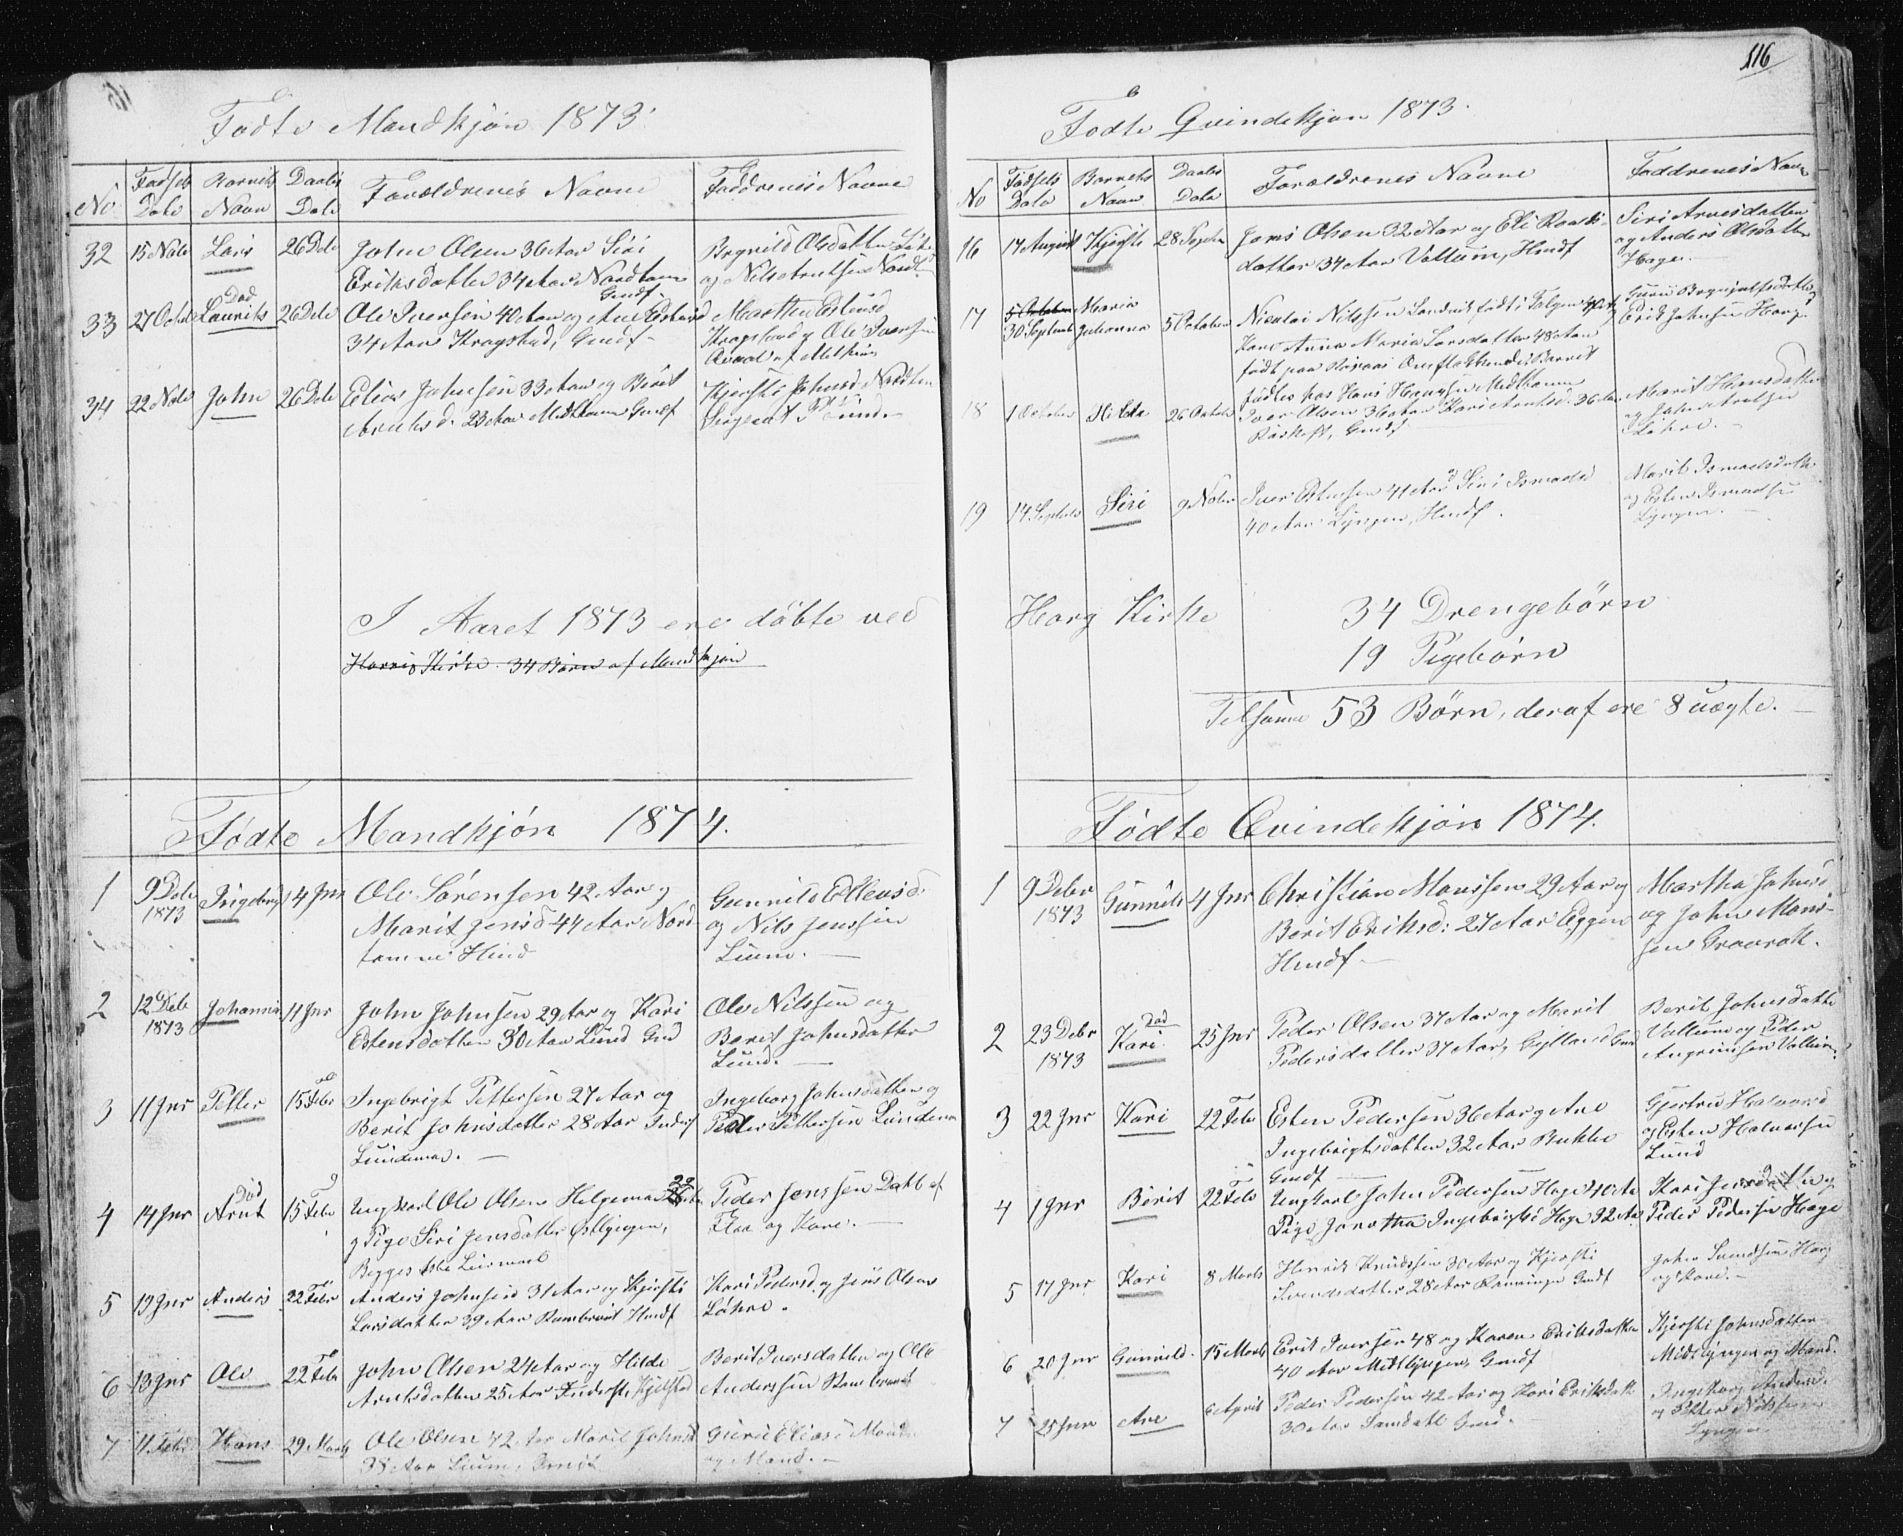 SAT, Ministerialprotokoller, klokkerbøker og fødselsregistre - Sør-Trøndelag, 692/L1110: Klokkerbok nr. 692C05, 1849-1889, s. 116